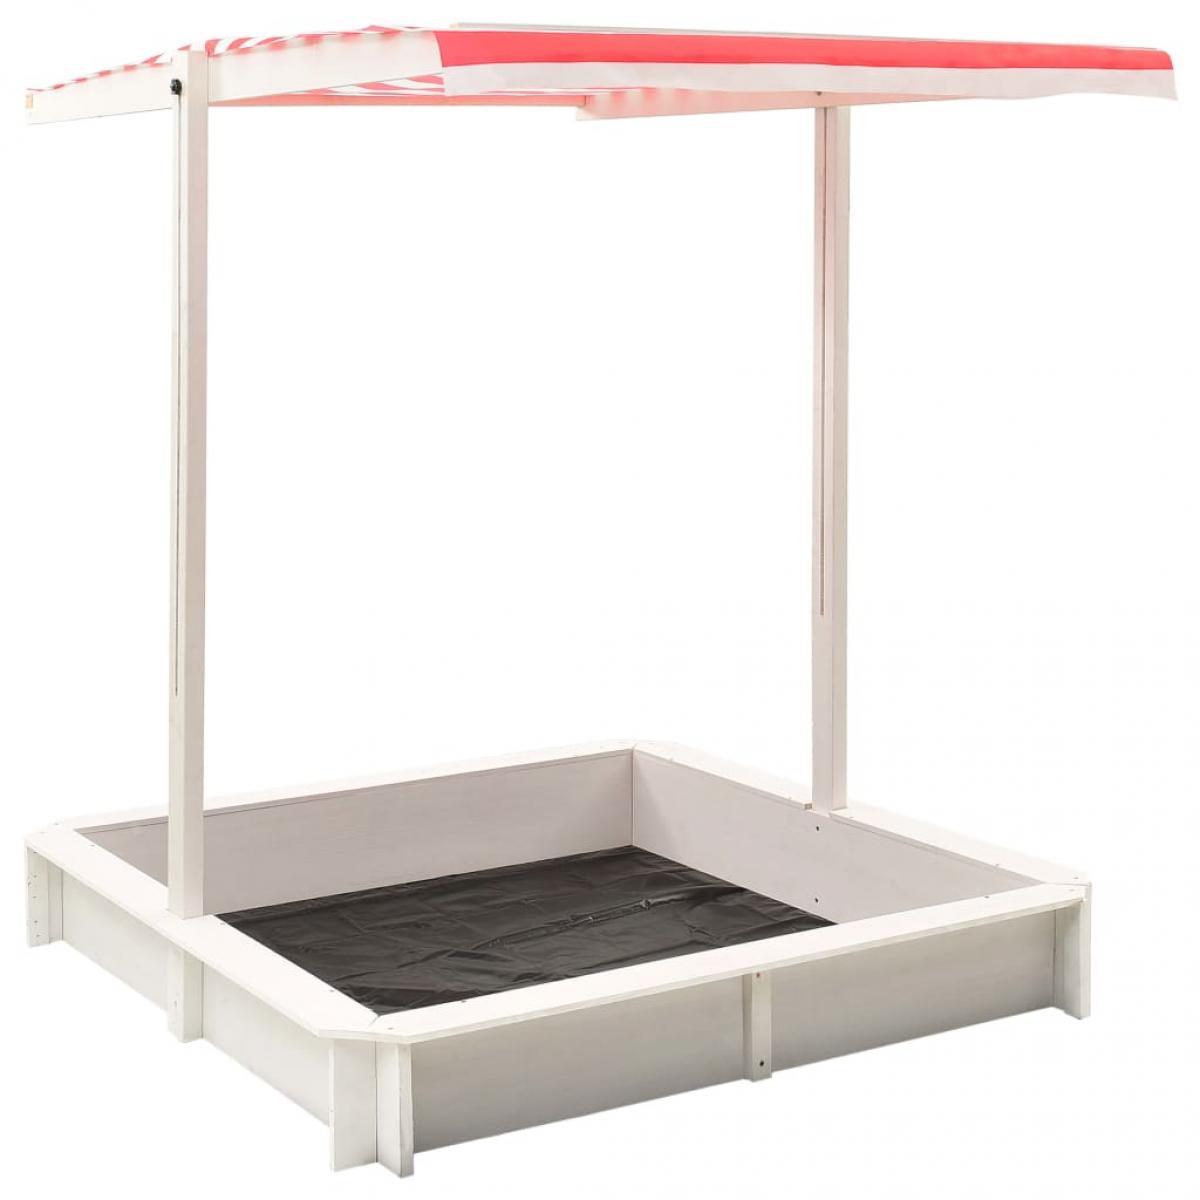 Arenero con tejado ajustable madera abeto blanco y rojo UV50